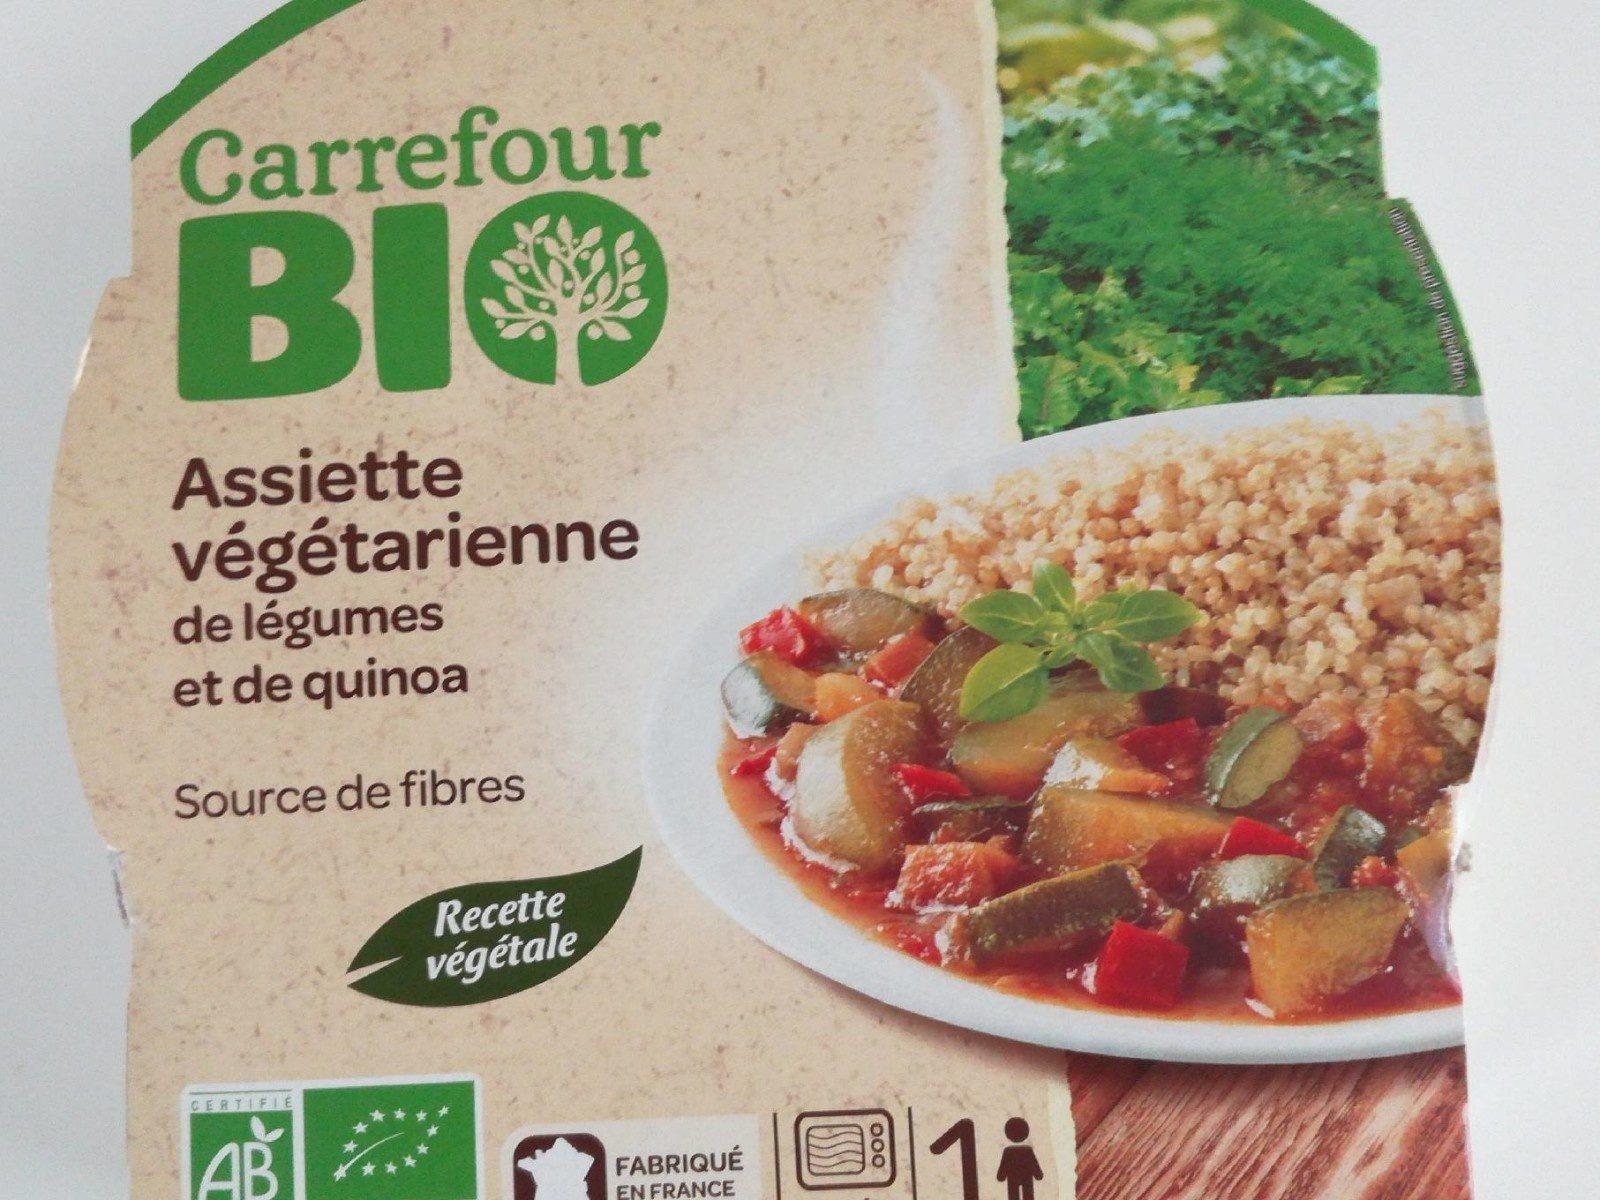 Assiette végétarienne de légumes et de quinoa - Produit - fr